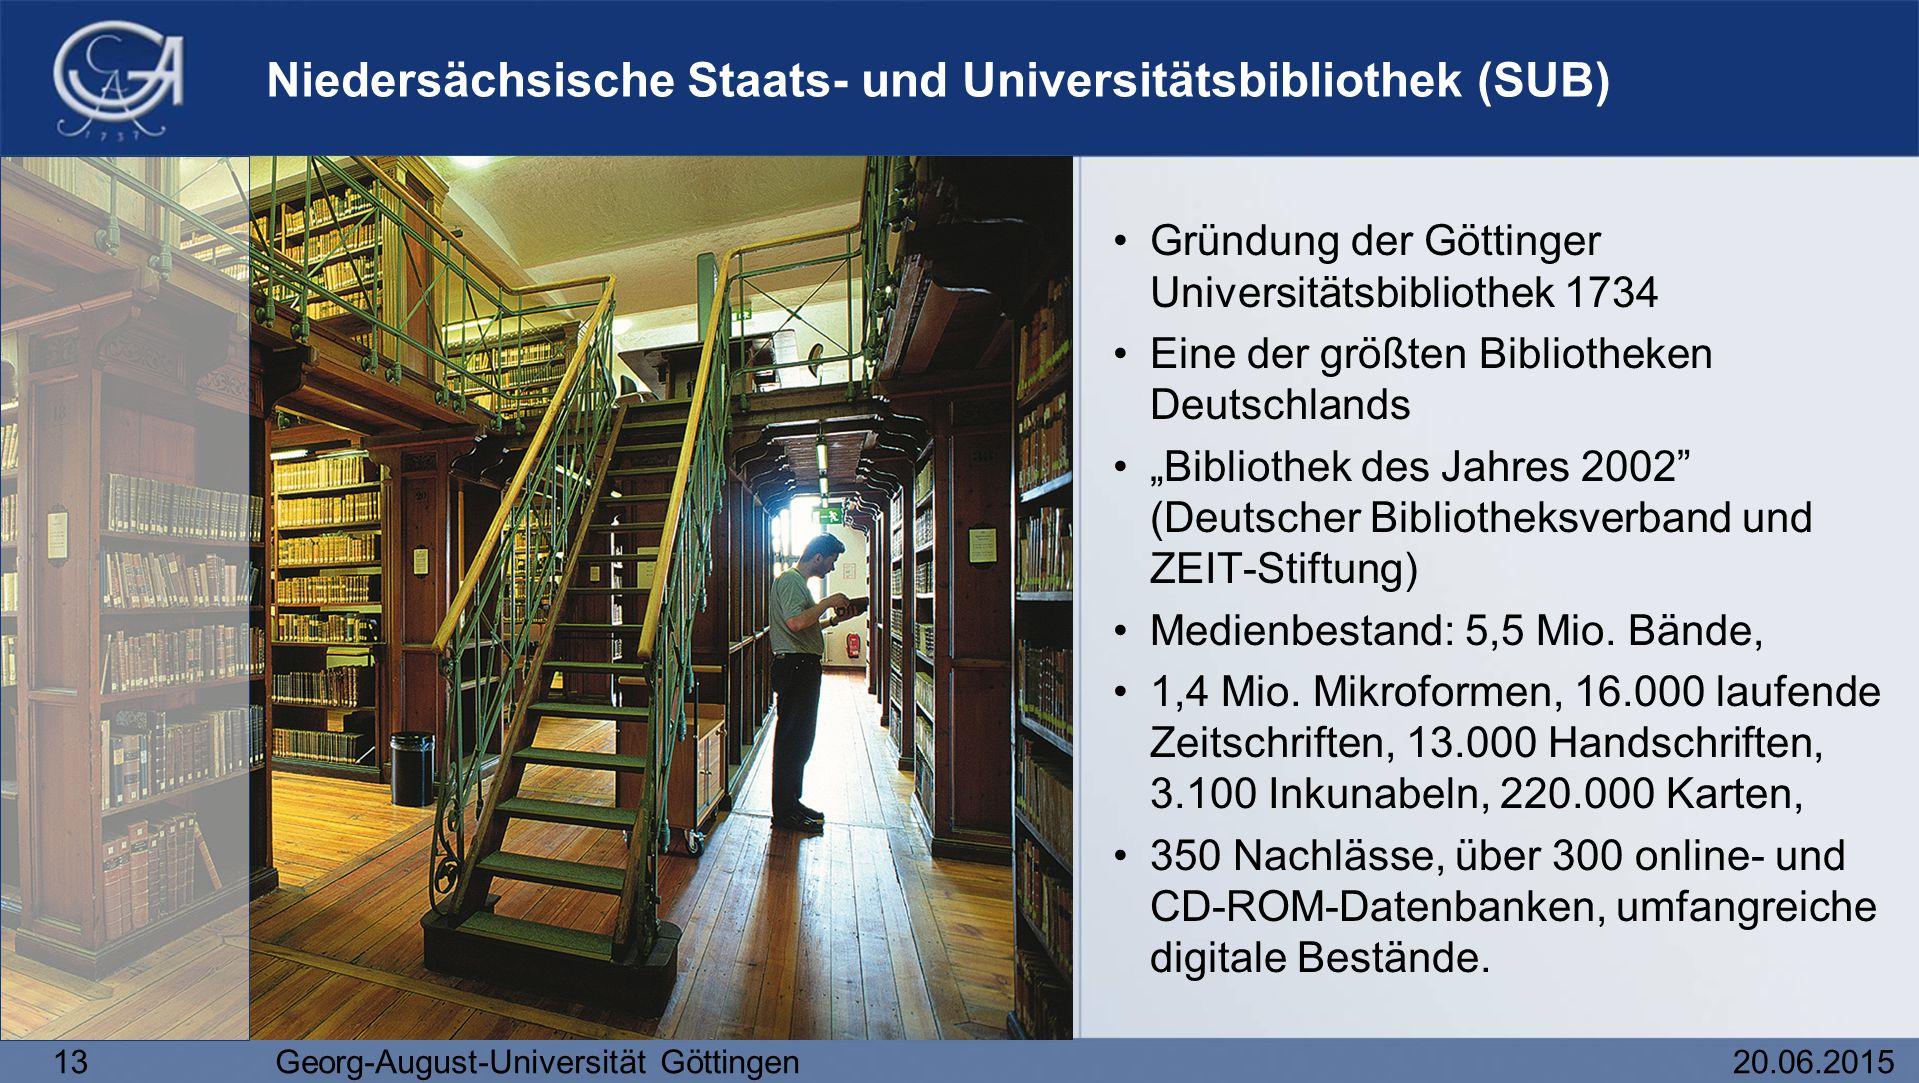 13Georg-August-Universität Göttingen20.06.2015 Niedersächsische Staats- und Universitätsbibliothek (SUB) Gründung der Göttinger Universitätsbibliothek